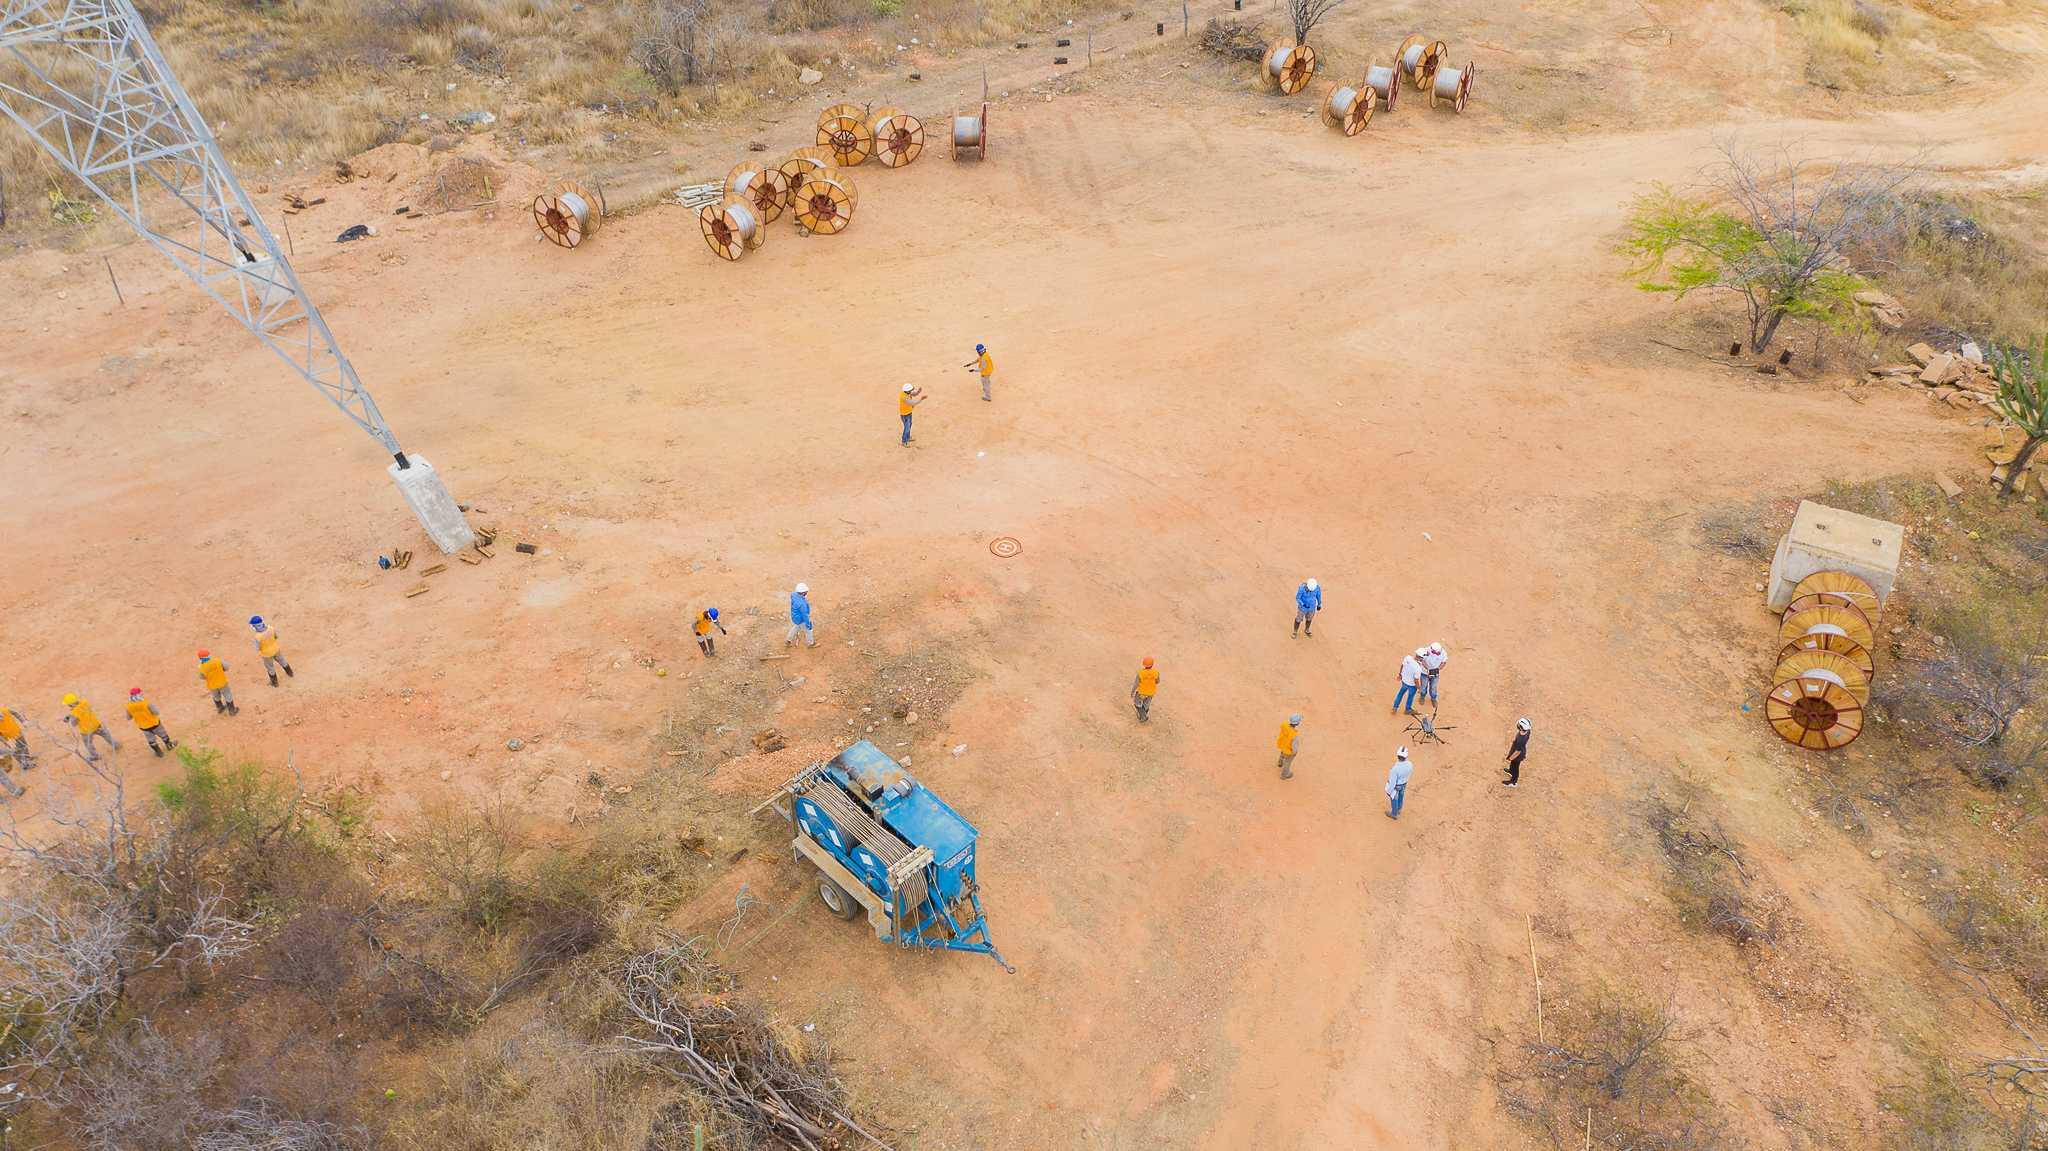 Lançamento de Cabos com Drones - Foto 15